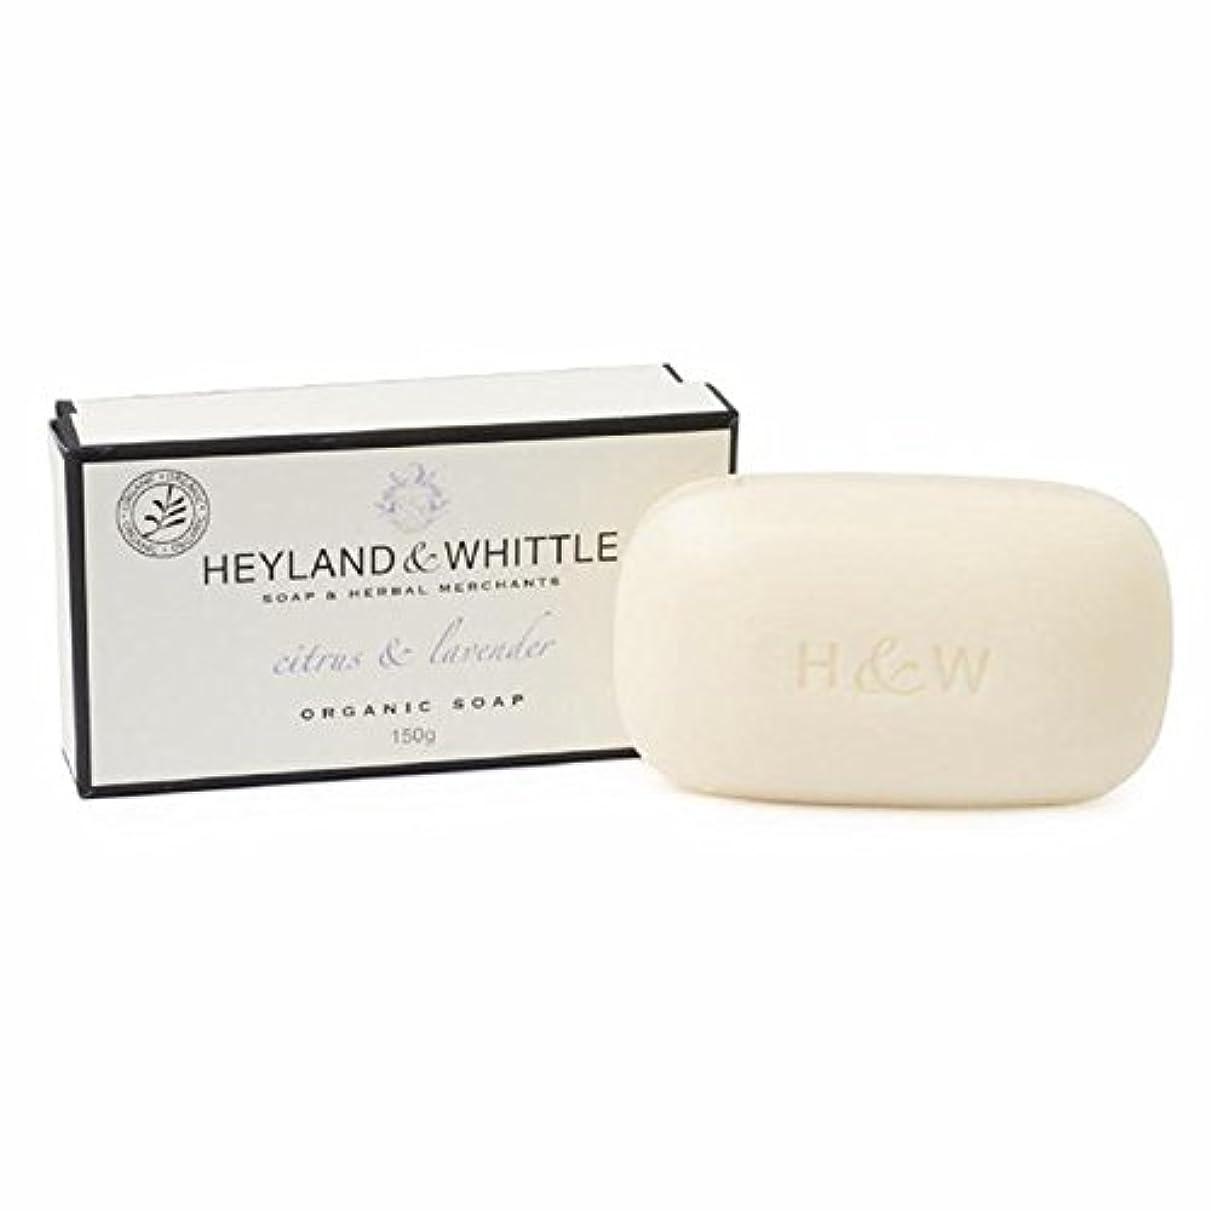 ディスクボールビーズ&削るシトラス&ラベンダーは、有機石鹸150グラム箱入り x2 - Heyland & Whittle Citrus & Lavender Boxed Organic Soap 150g (Pack of 2) [並行輸入品]